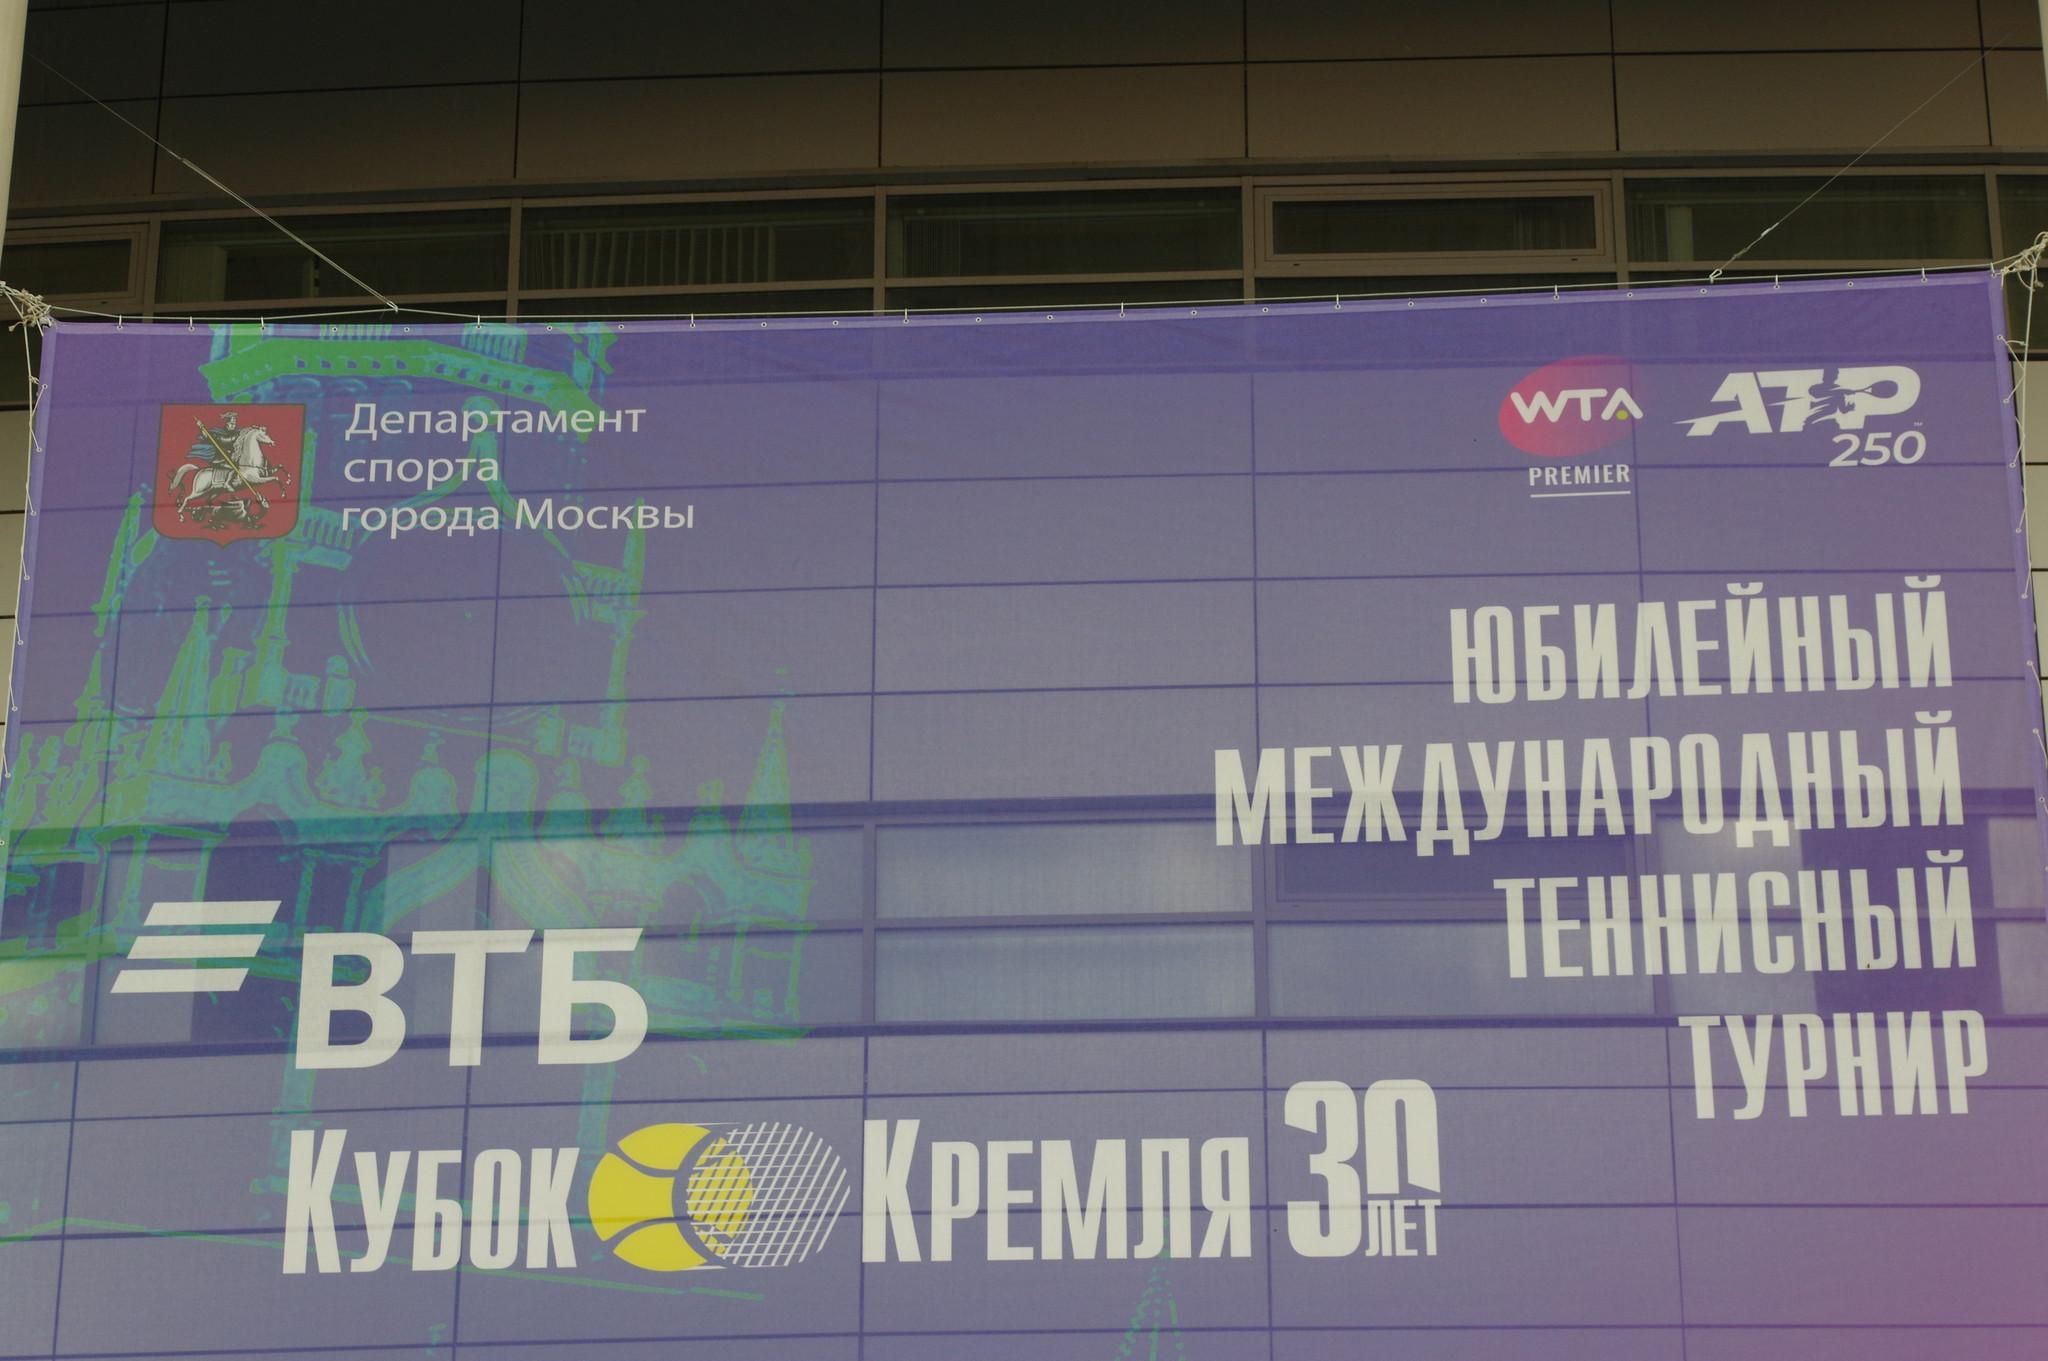 30-й юбилейный Международный теннисный турнир «ВТБ Кубок Кремля»